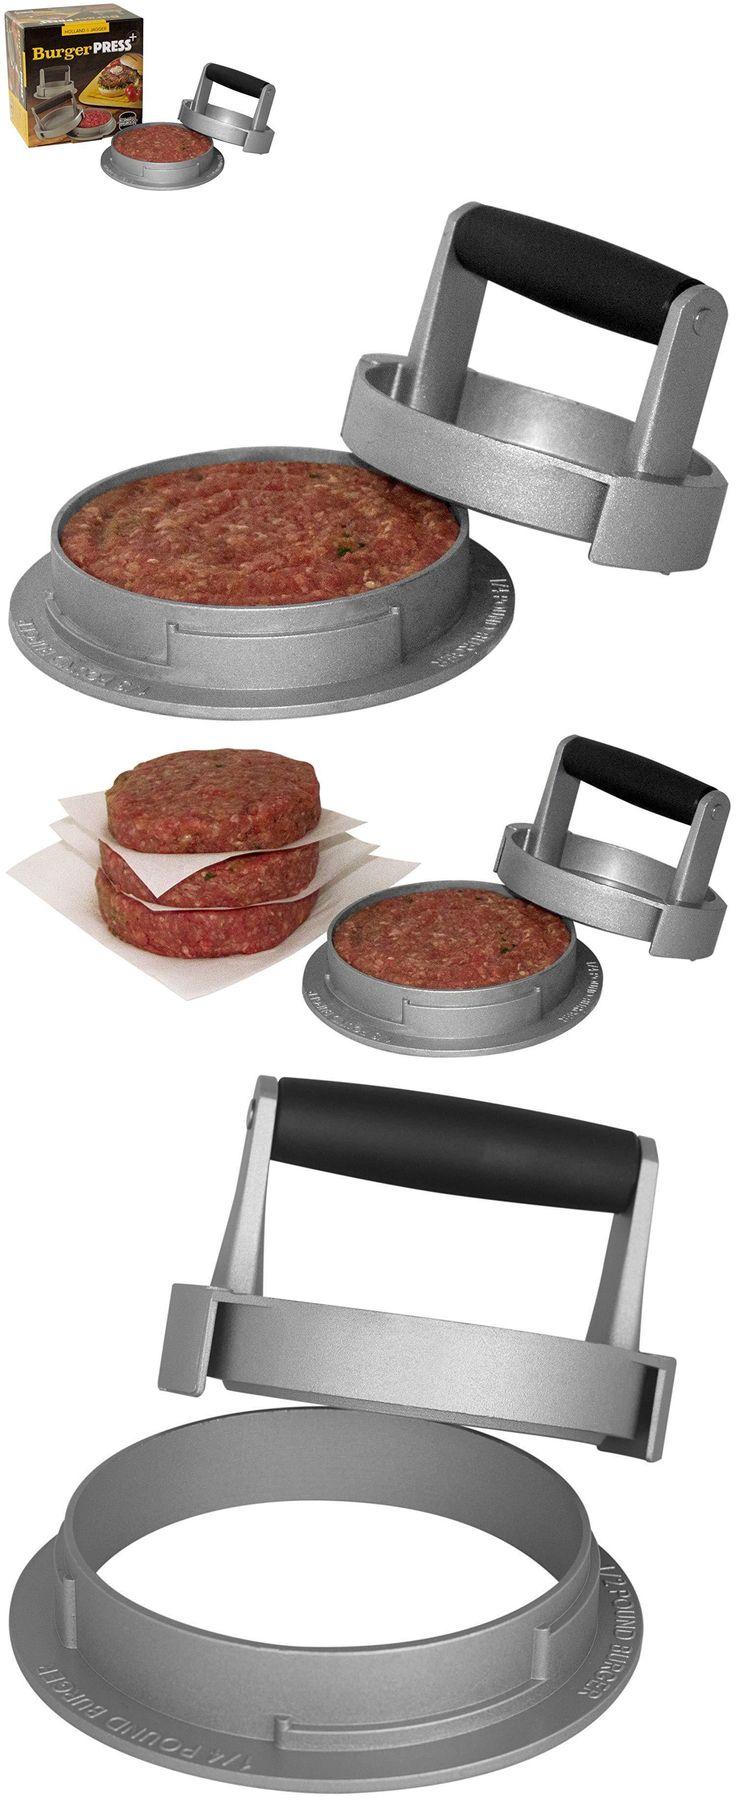 Dexam single hamburger burger press